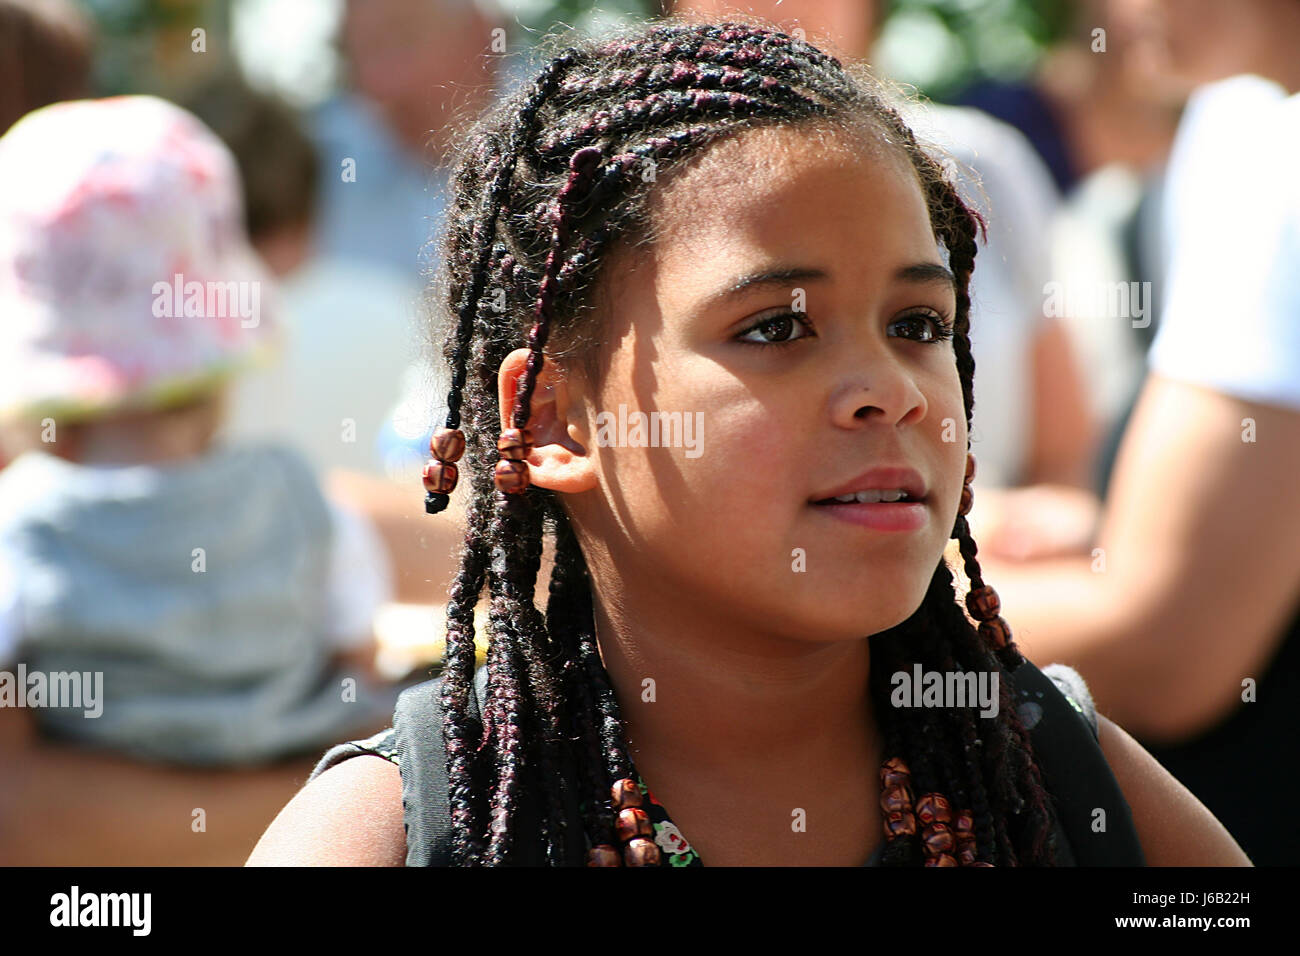 Teen Hairdo Plaited Braided Plaits Braids Girl Girls Teens